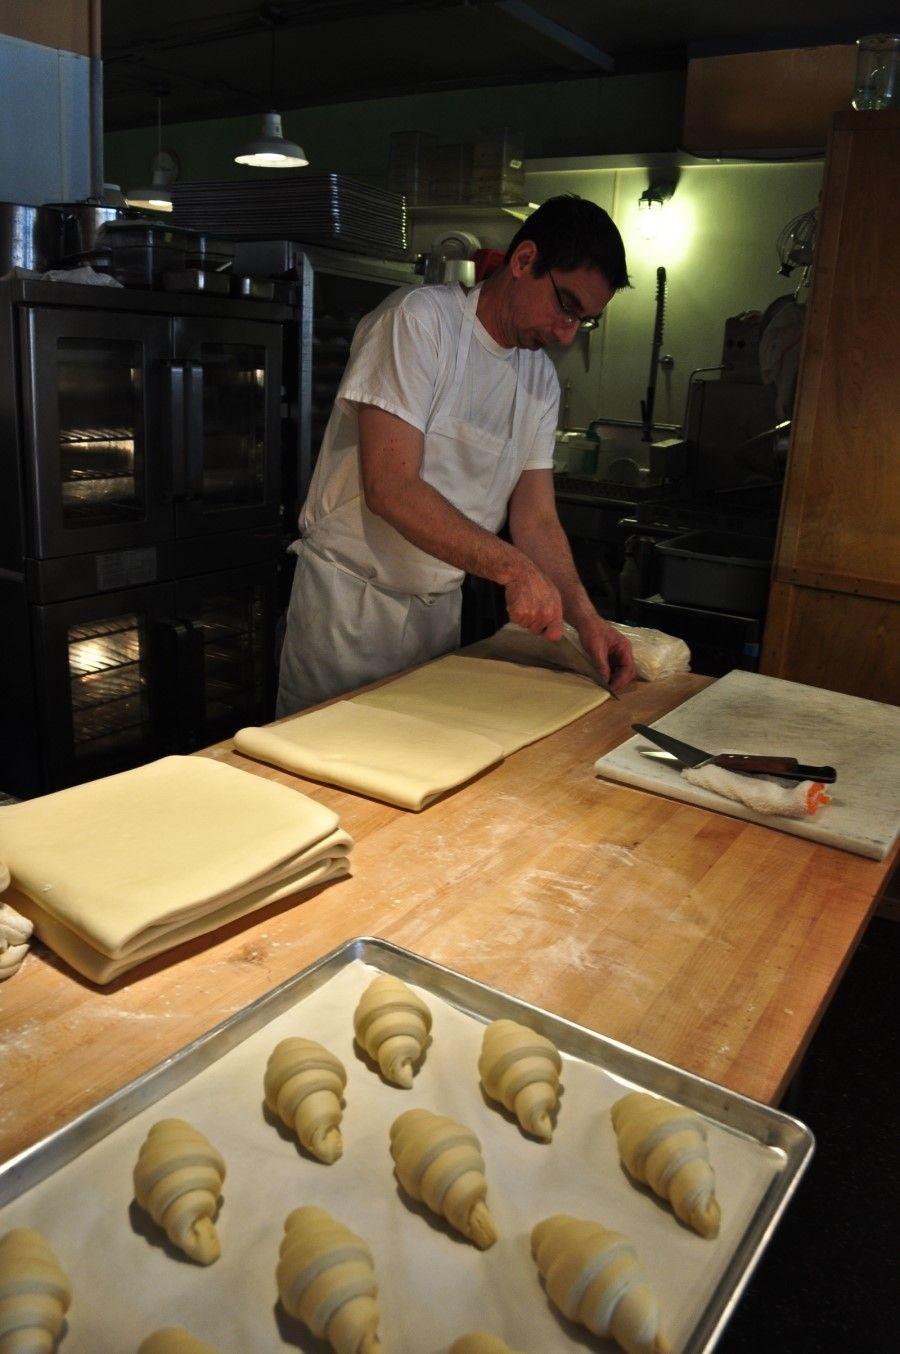 cafe besalu, ballard. seattle's best croissant bakery | .seattle